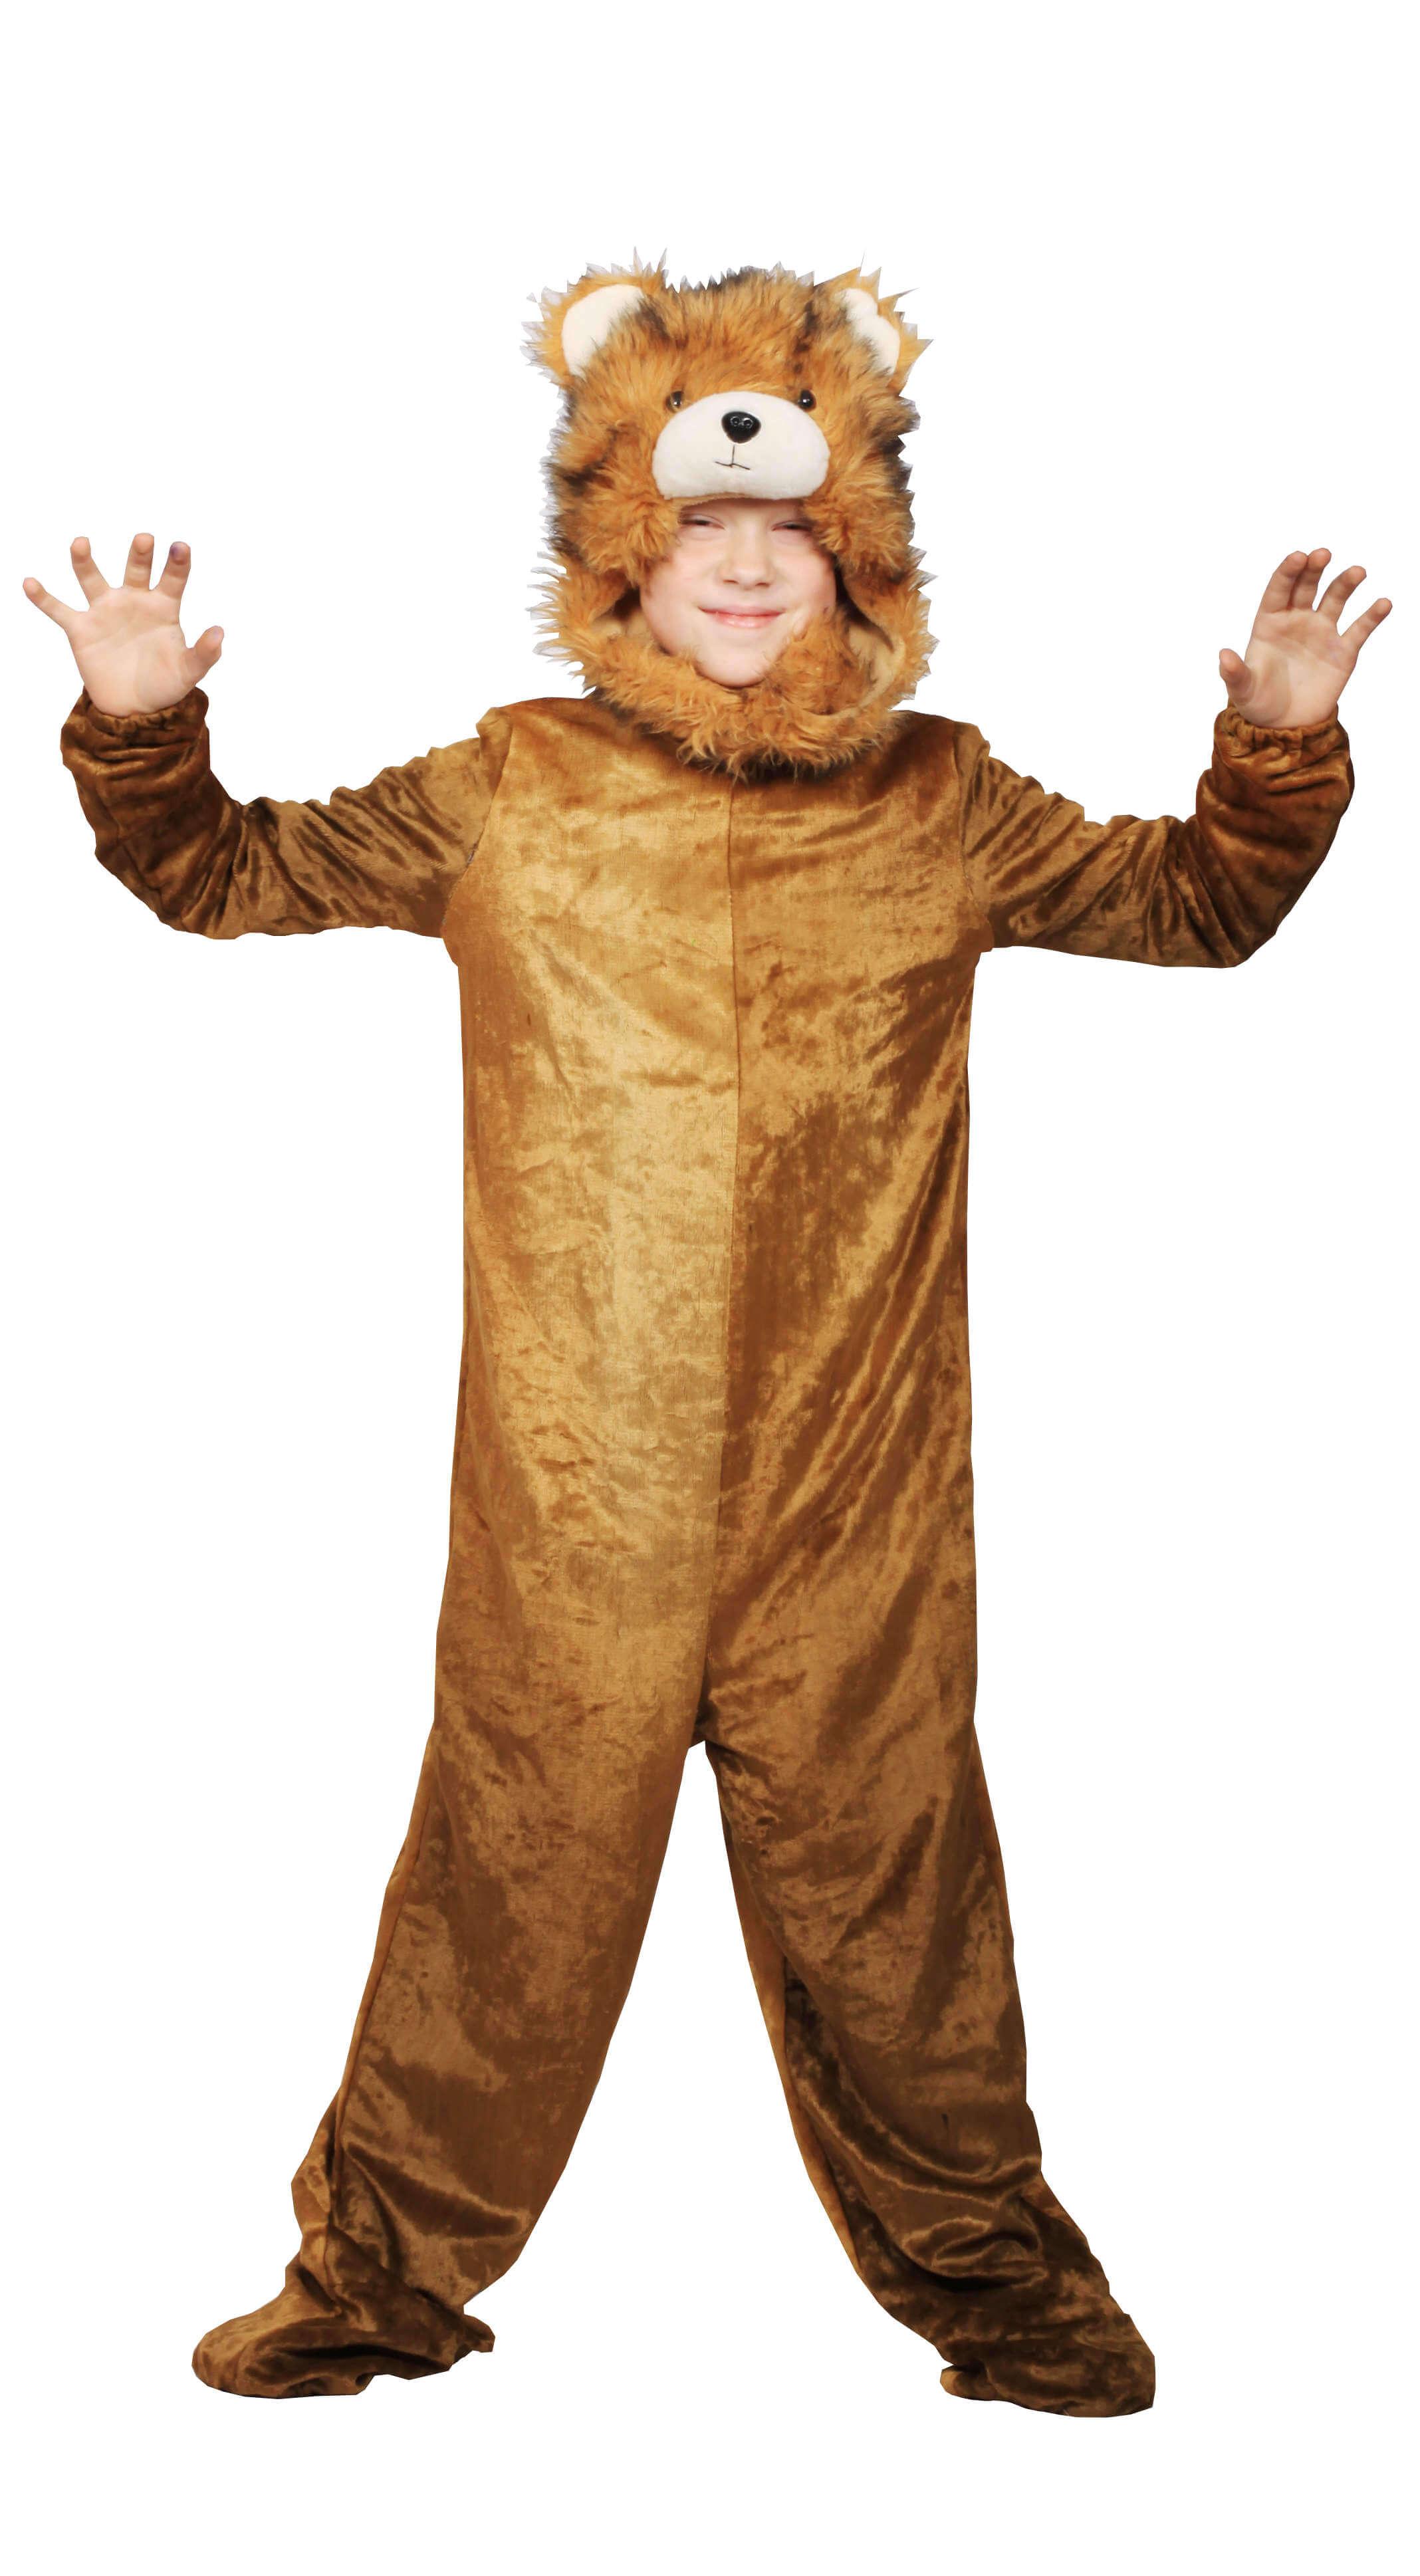 костюм медведей. Meškio kostiumas. Gyvunų karnavaliniai kostiumai. Karnavaliniu kostiumu nuoma vaikams Vilniuje - pasakunamai.lt